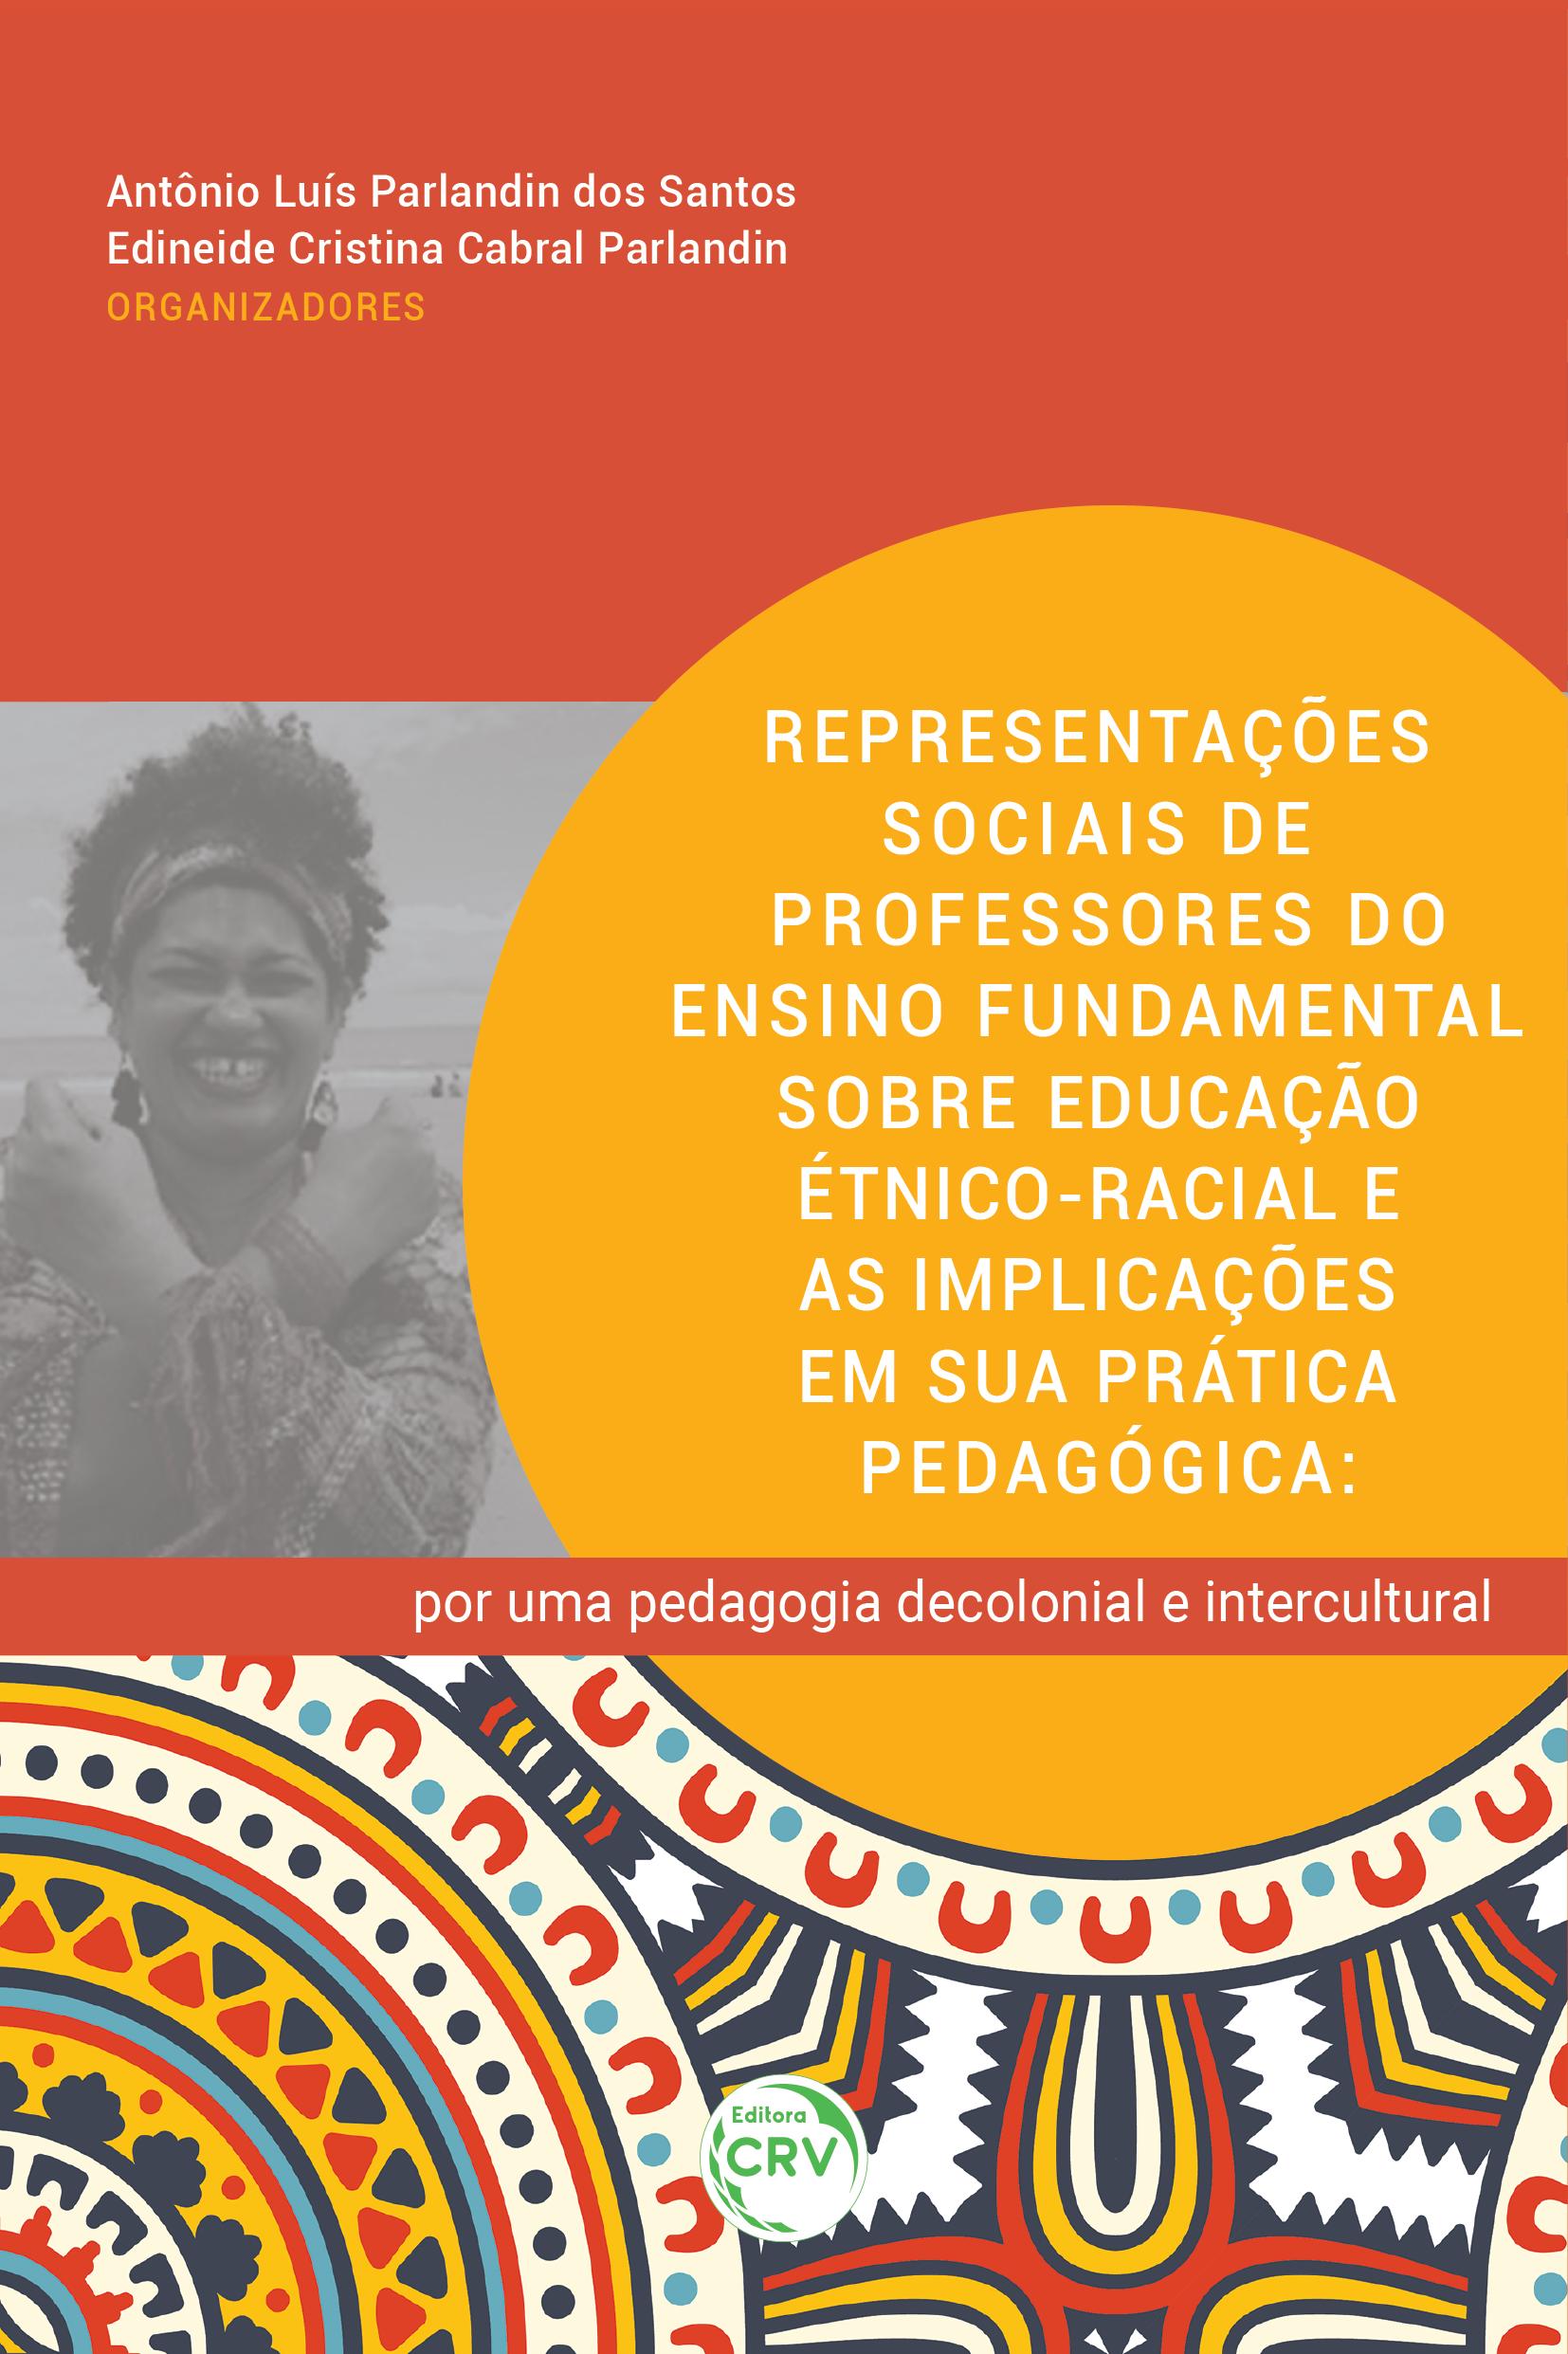 Capa do livro: REPRESENTAÇÕES SOCIAIS DE PROFESSORES DO ENSINO FUNDAMENTAL SOBRE EDUCAÇÃO ÉTNICO-RACIAL E AS IMPLICAÇÕES EM SUA PRÁTICA PEDAGÓGICA:<br> por uma pedagogia decolonial e intercultural